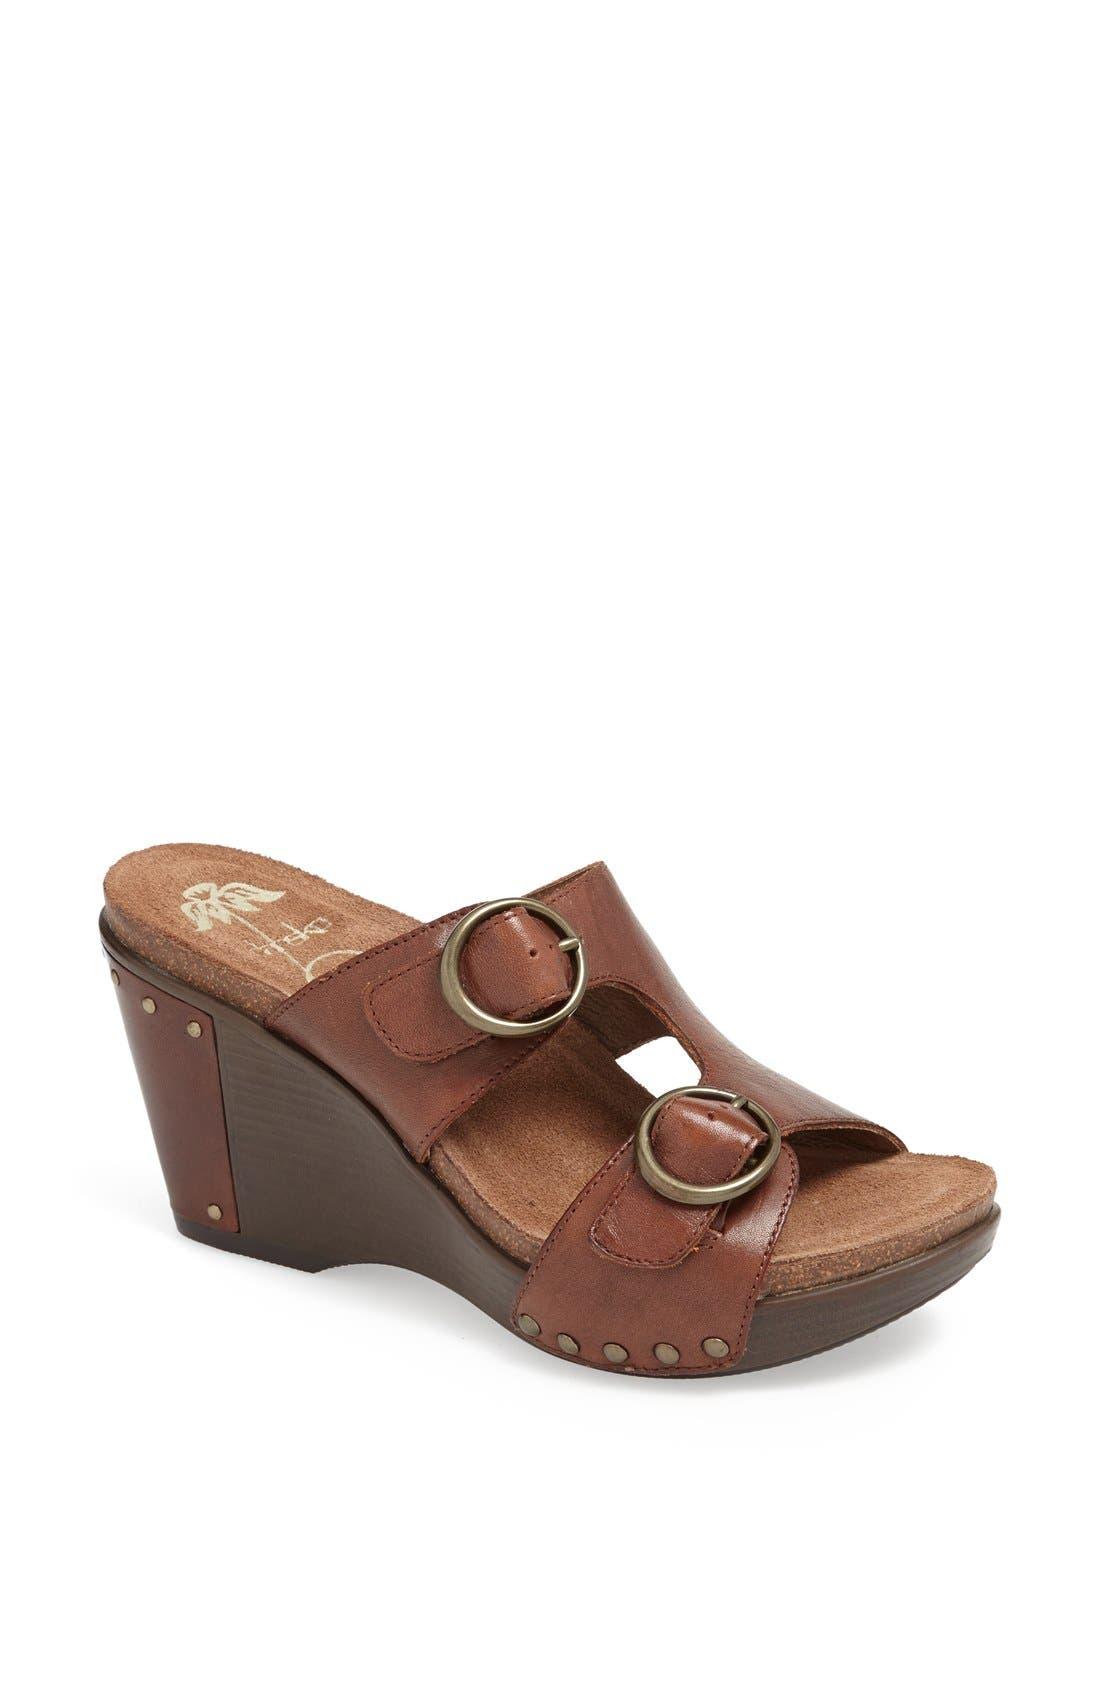 Main Image - Dansko 'Fern' Sandal